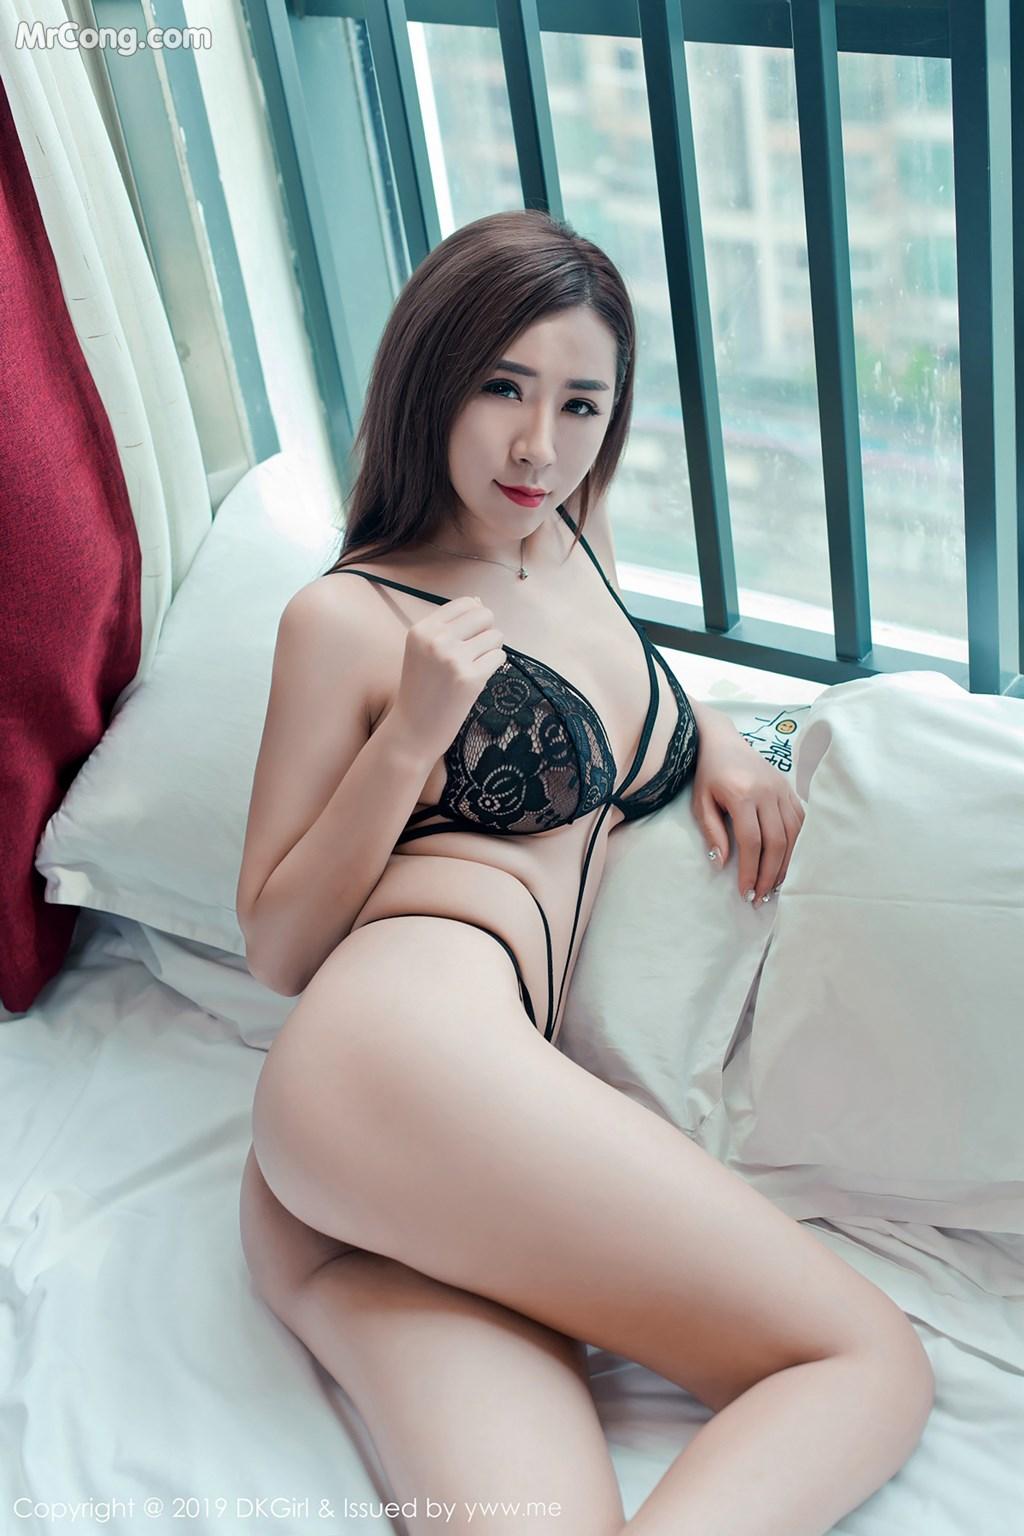 Image DKGirl-Vol.095-Cier-MrCong.com-004 in post DKGirl Vol.095: Người mẫu 雪儿Cier (49 ảnh)